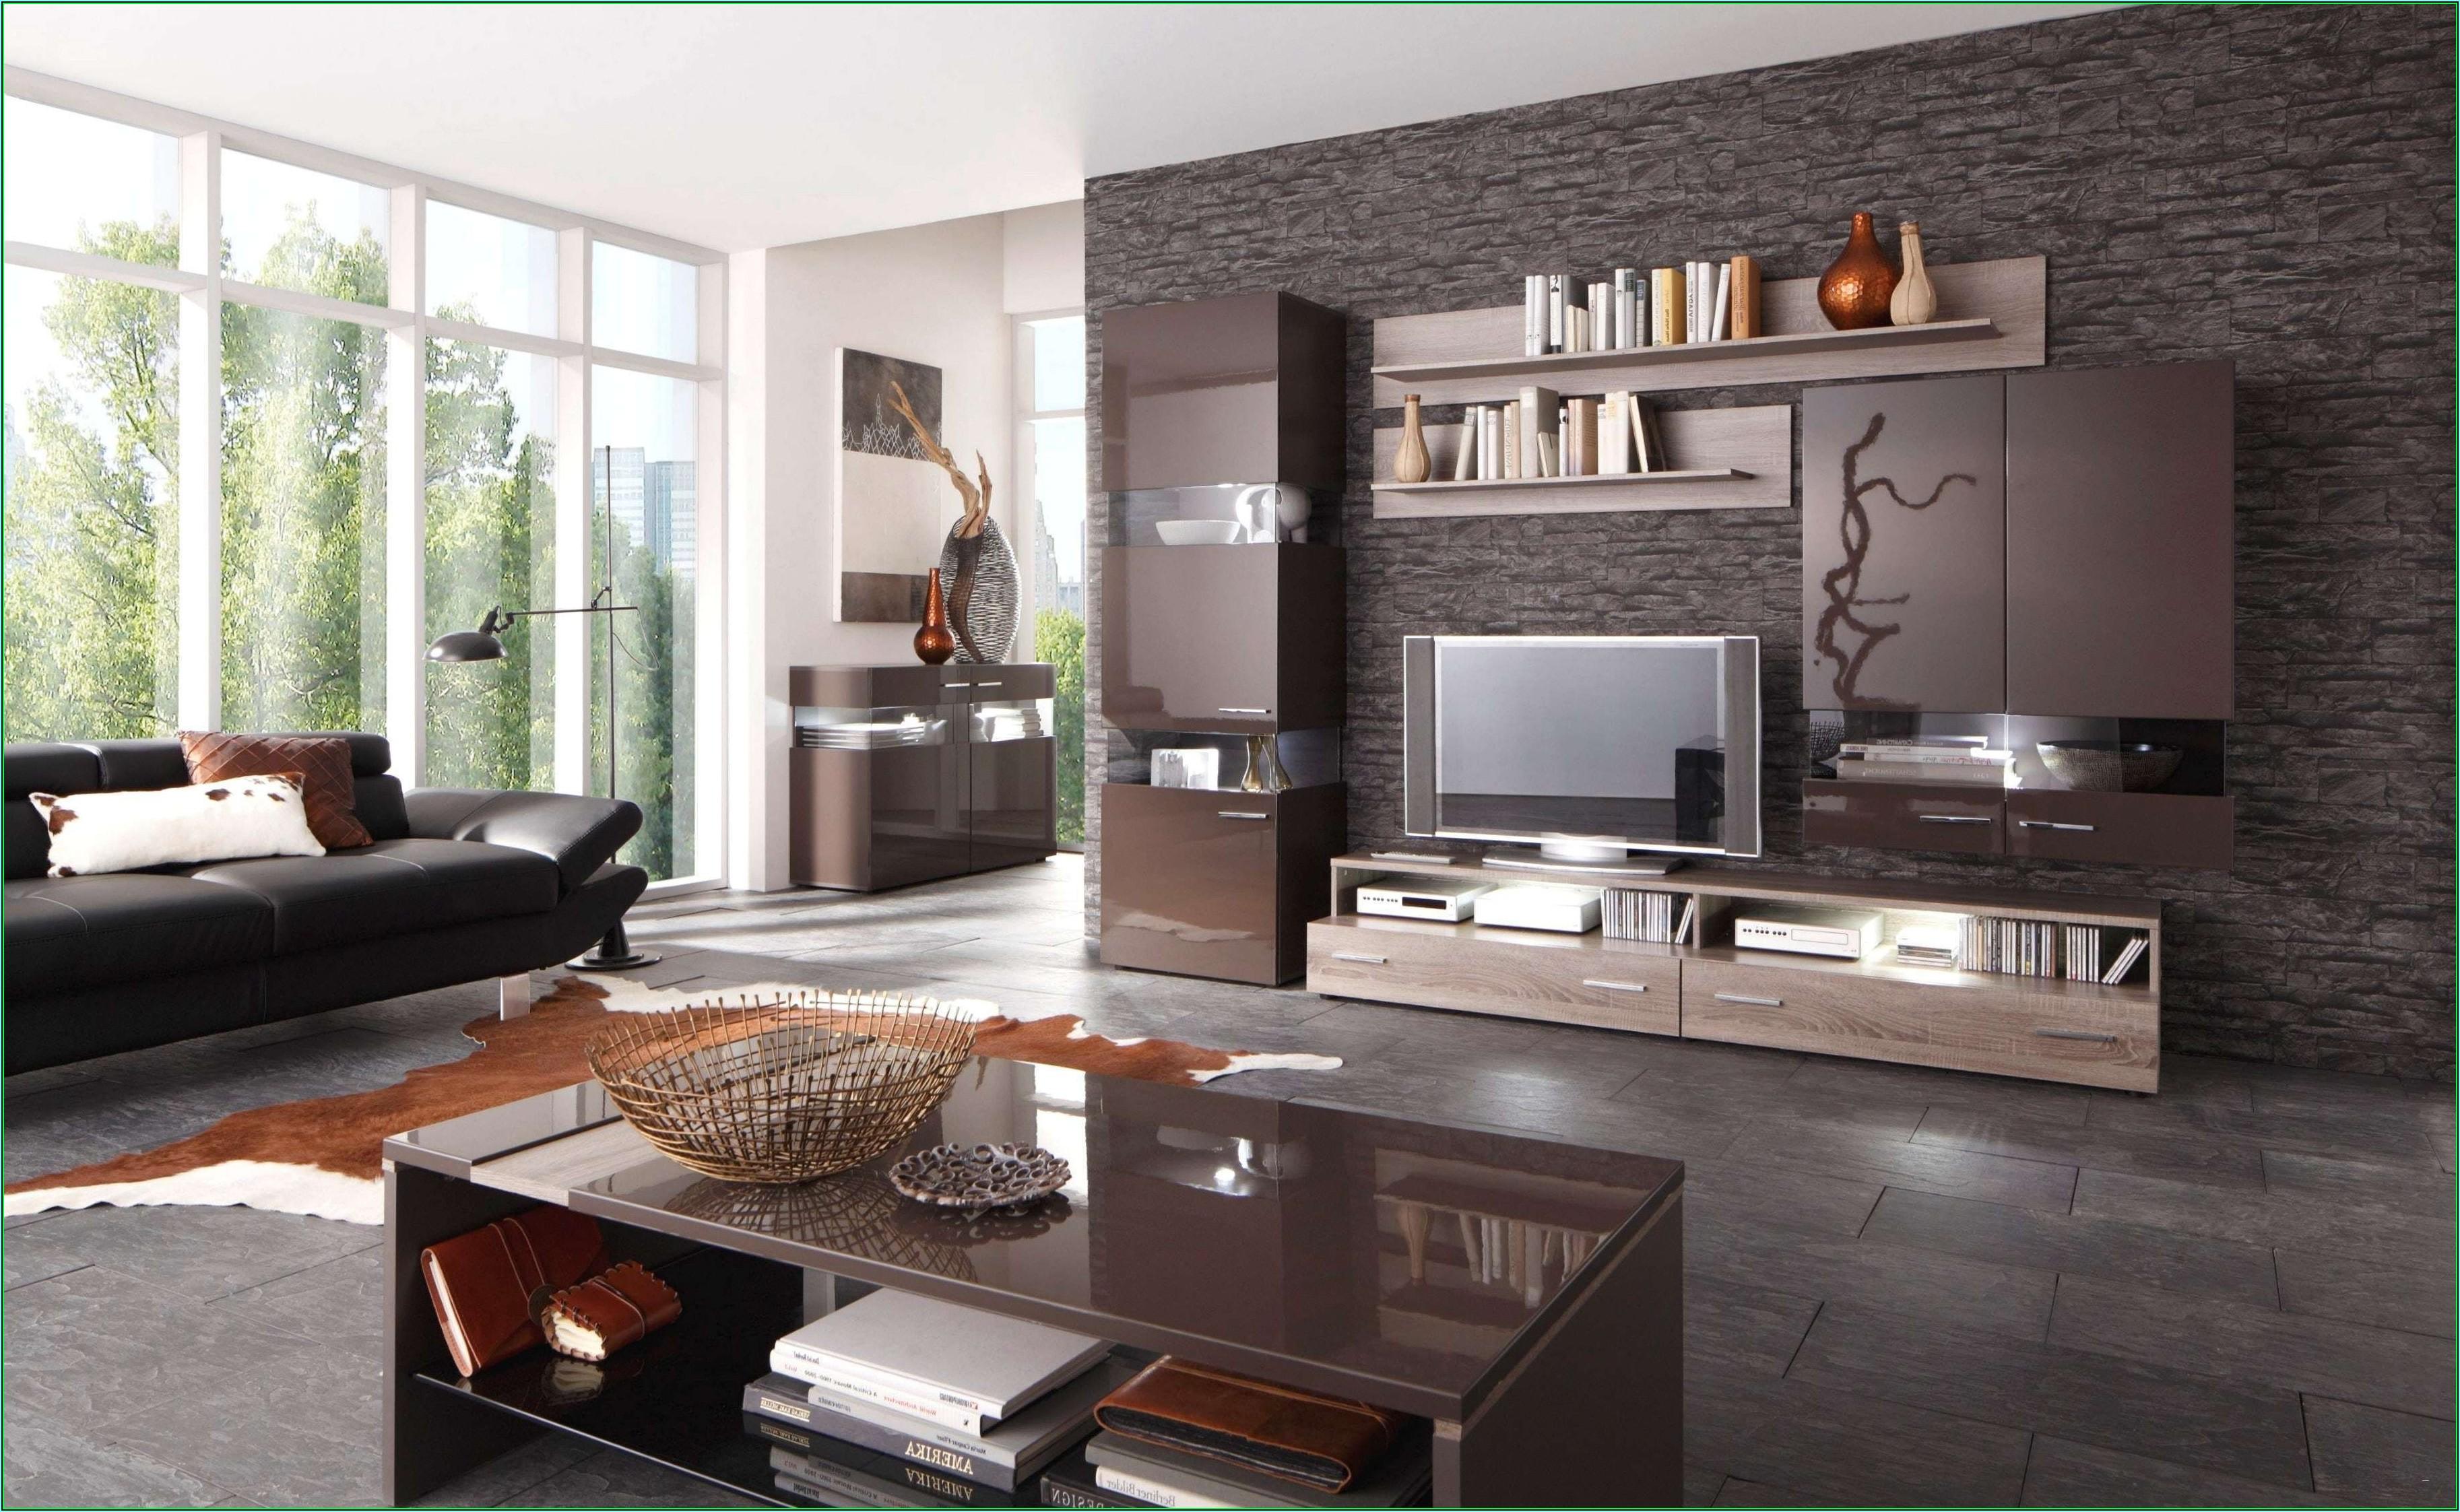 Deko Objekte Wohnzimmer